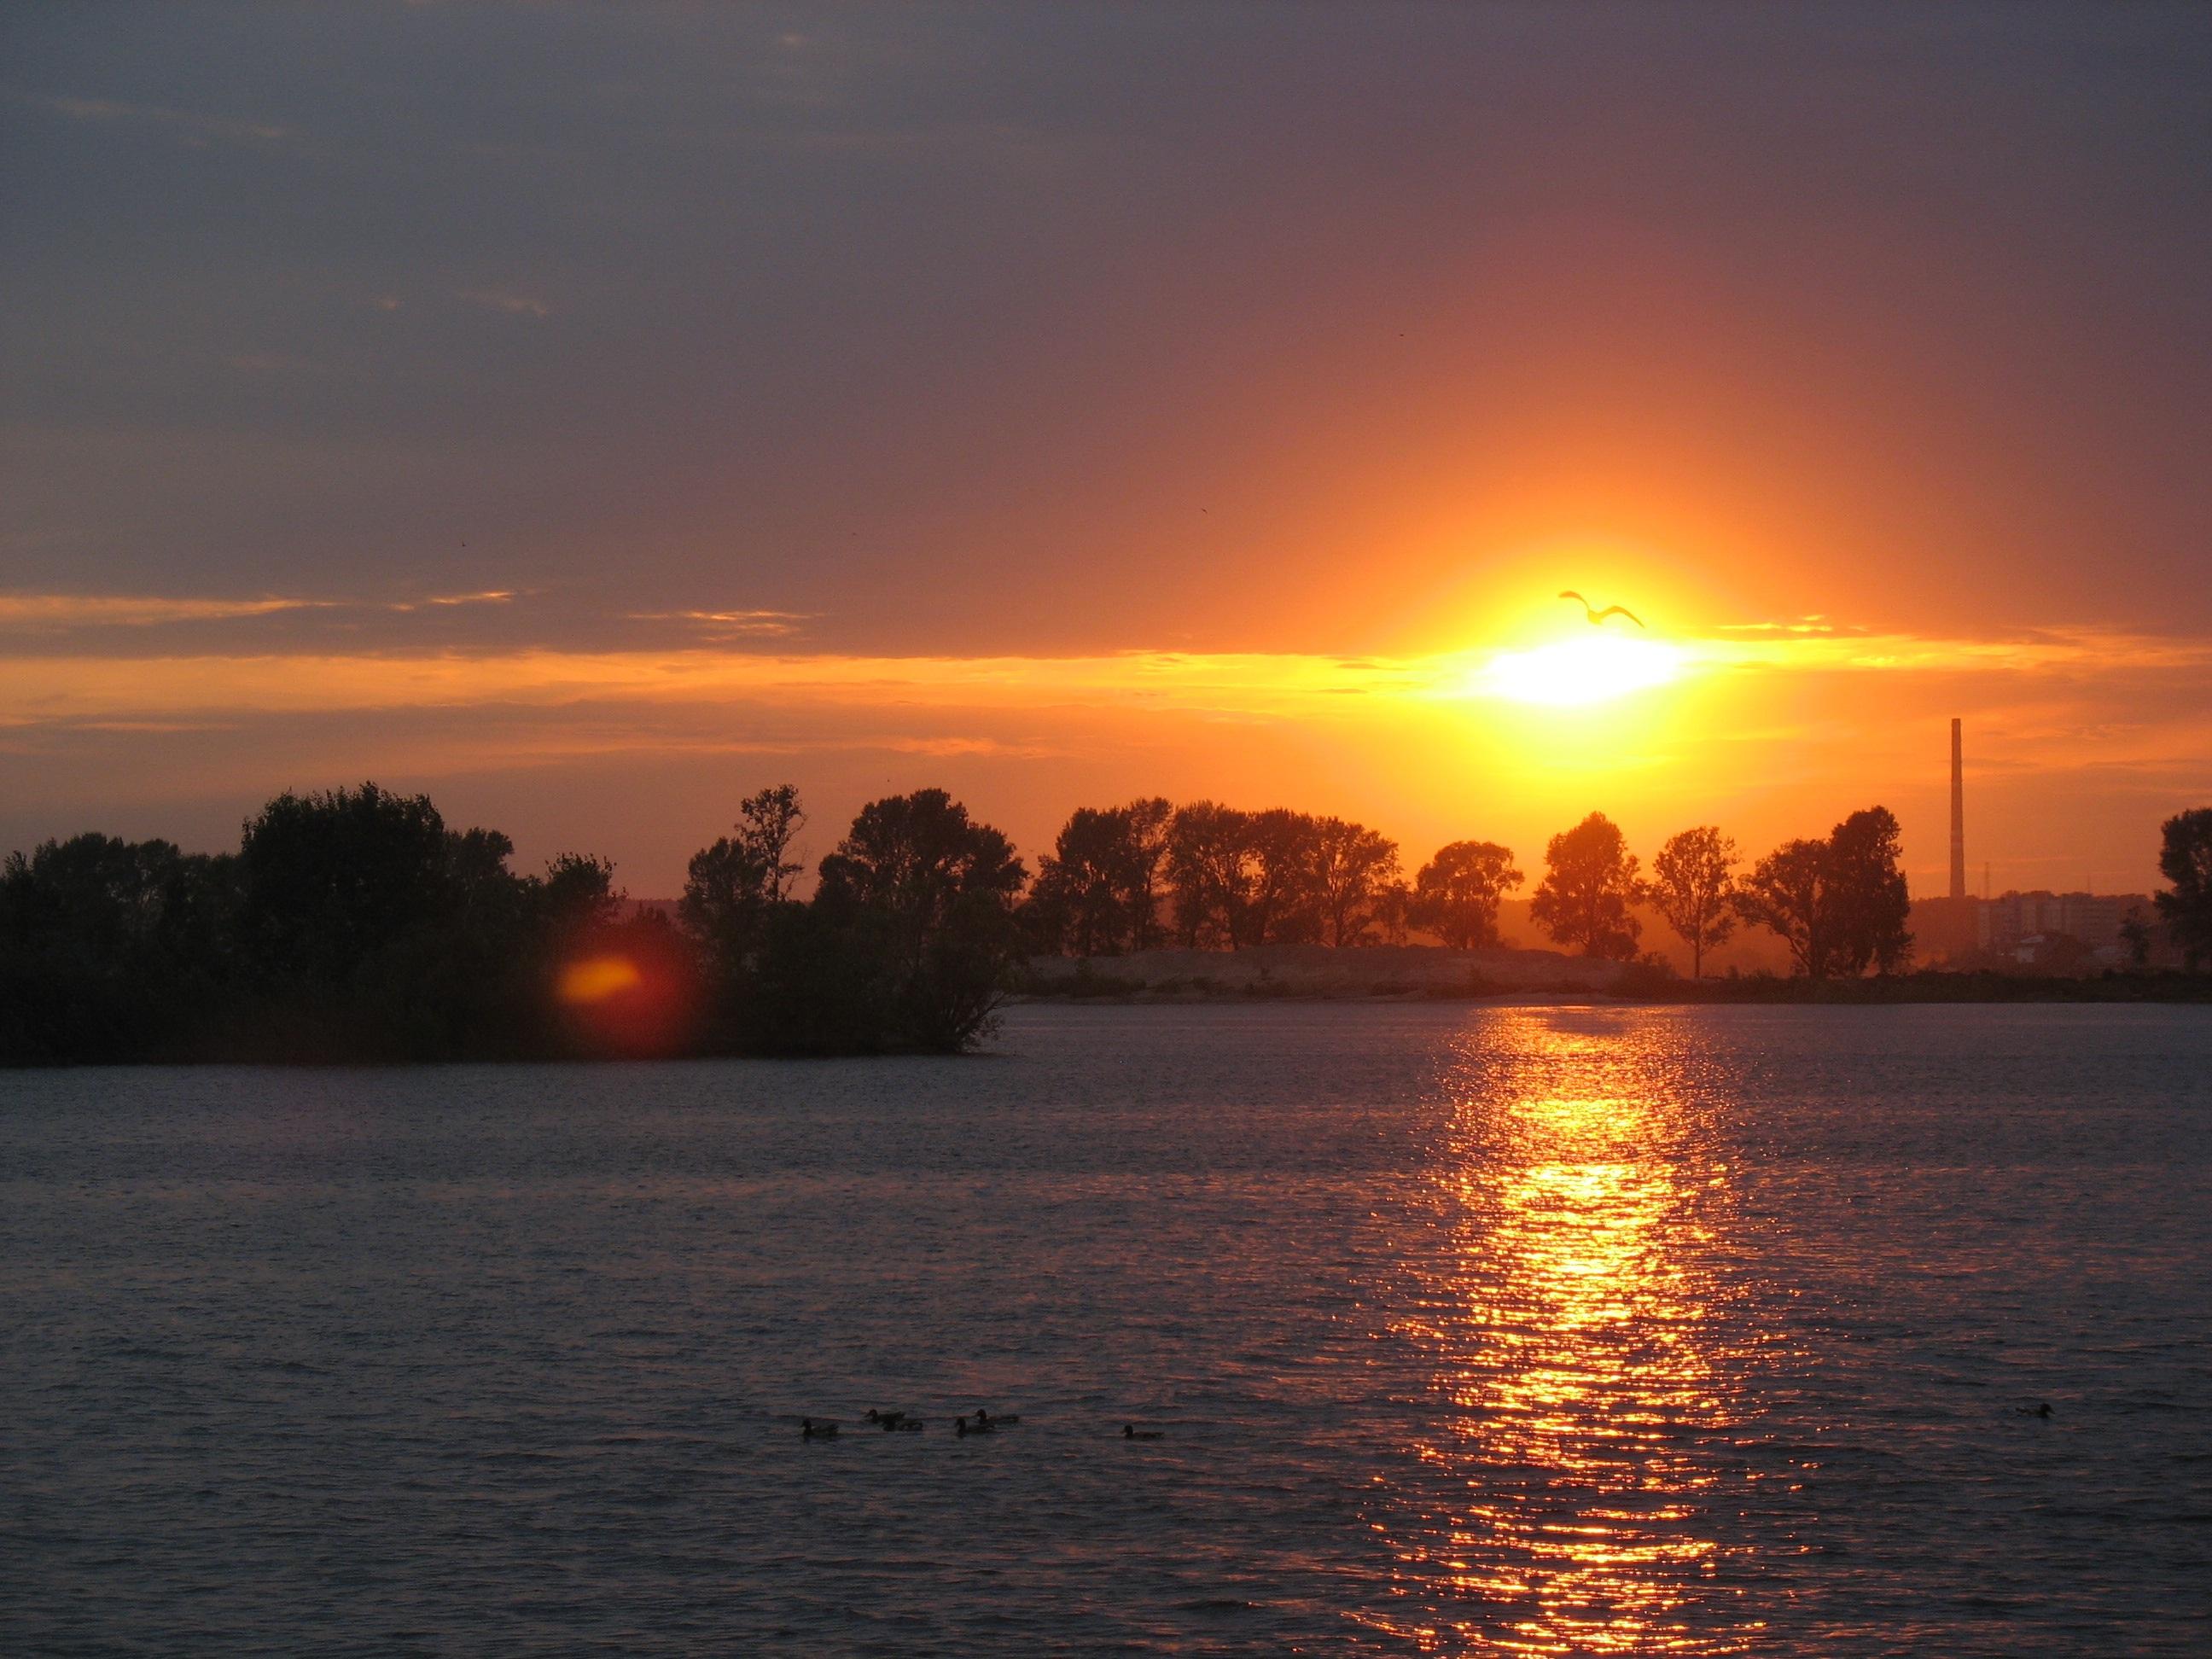 требования кормушкам фото восхода солнца над ригой собственной карьере